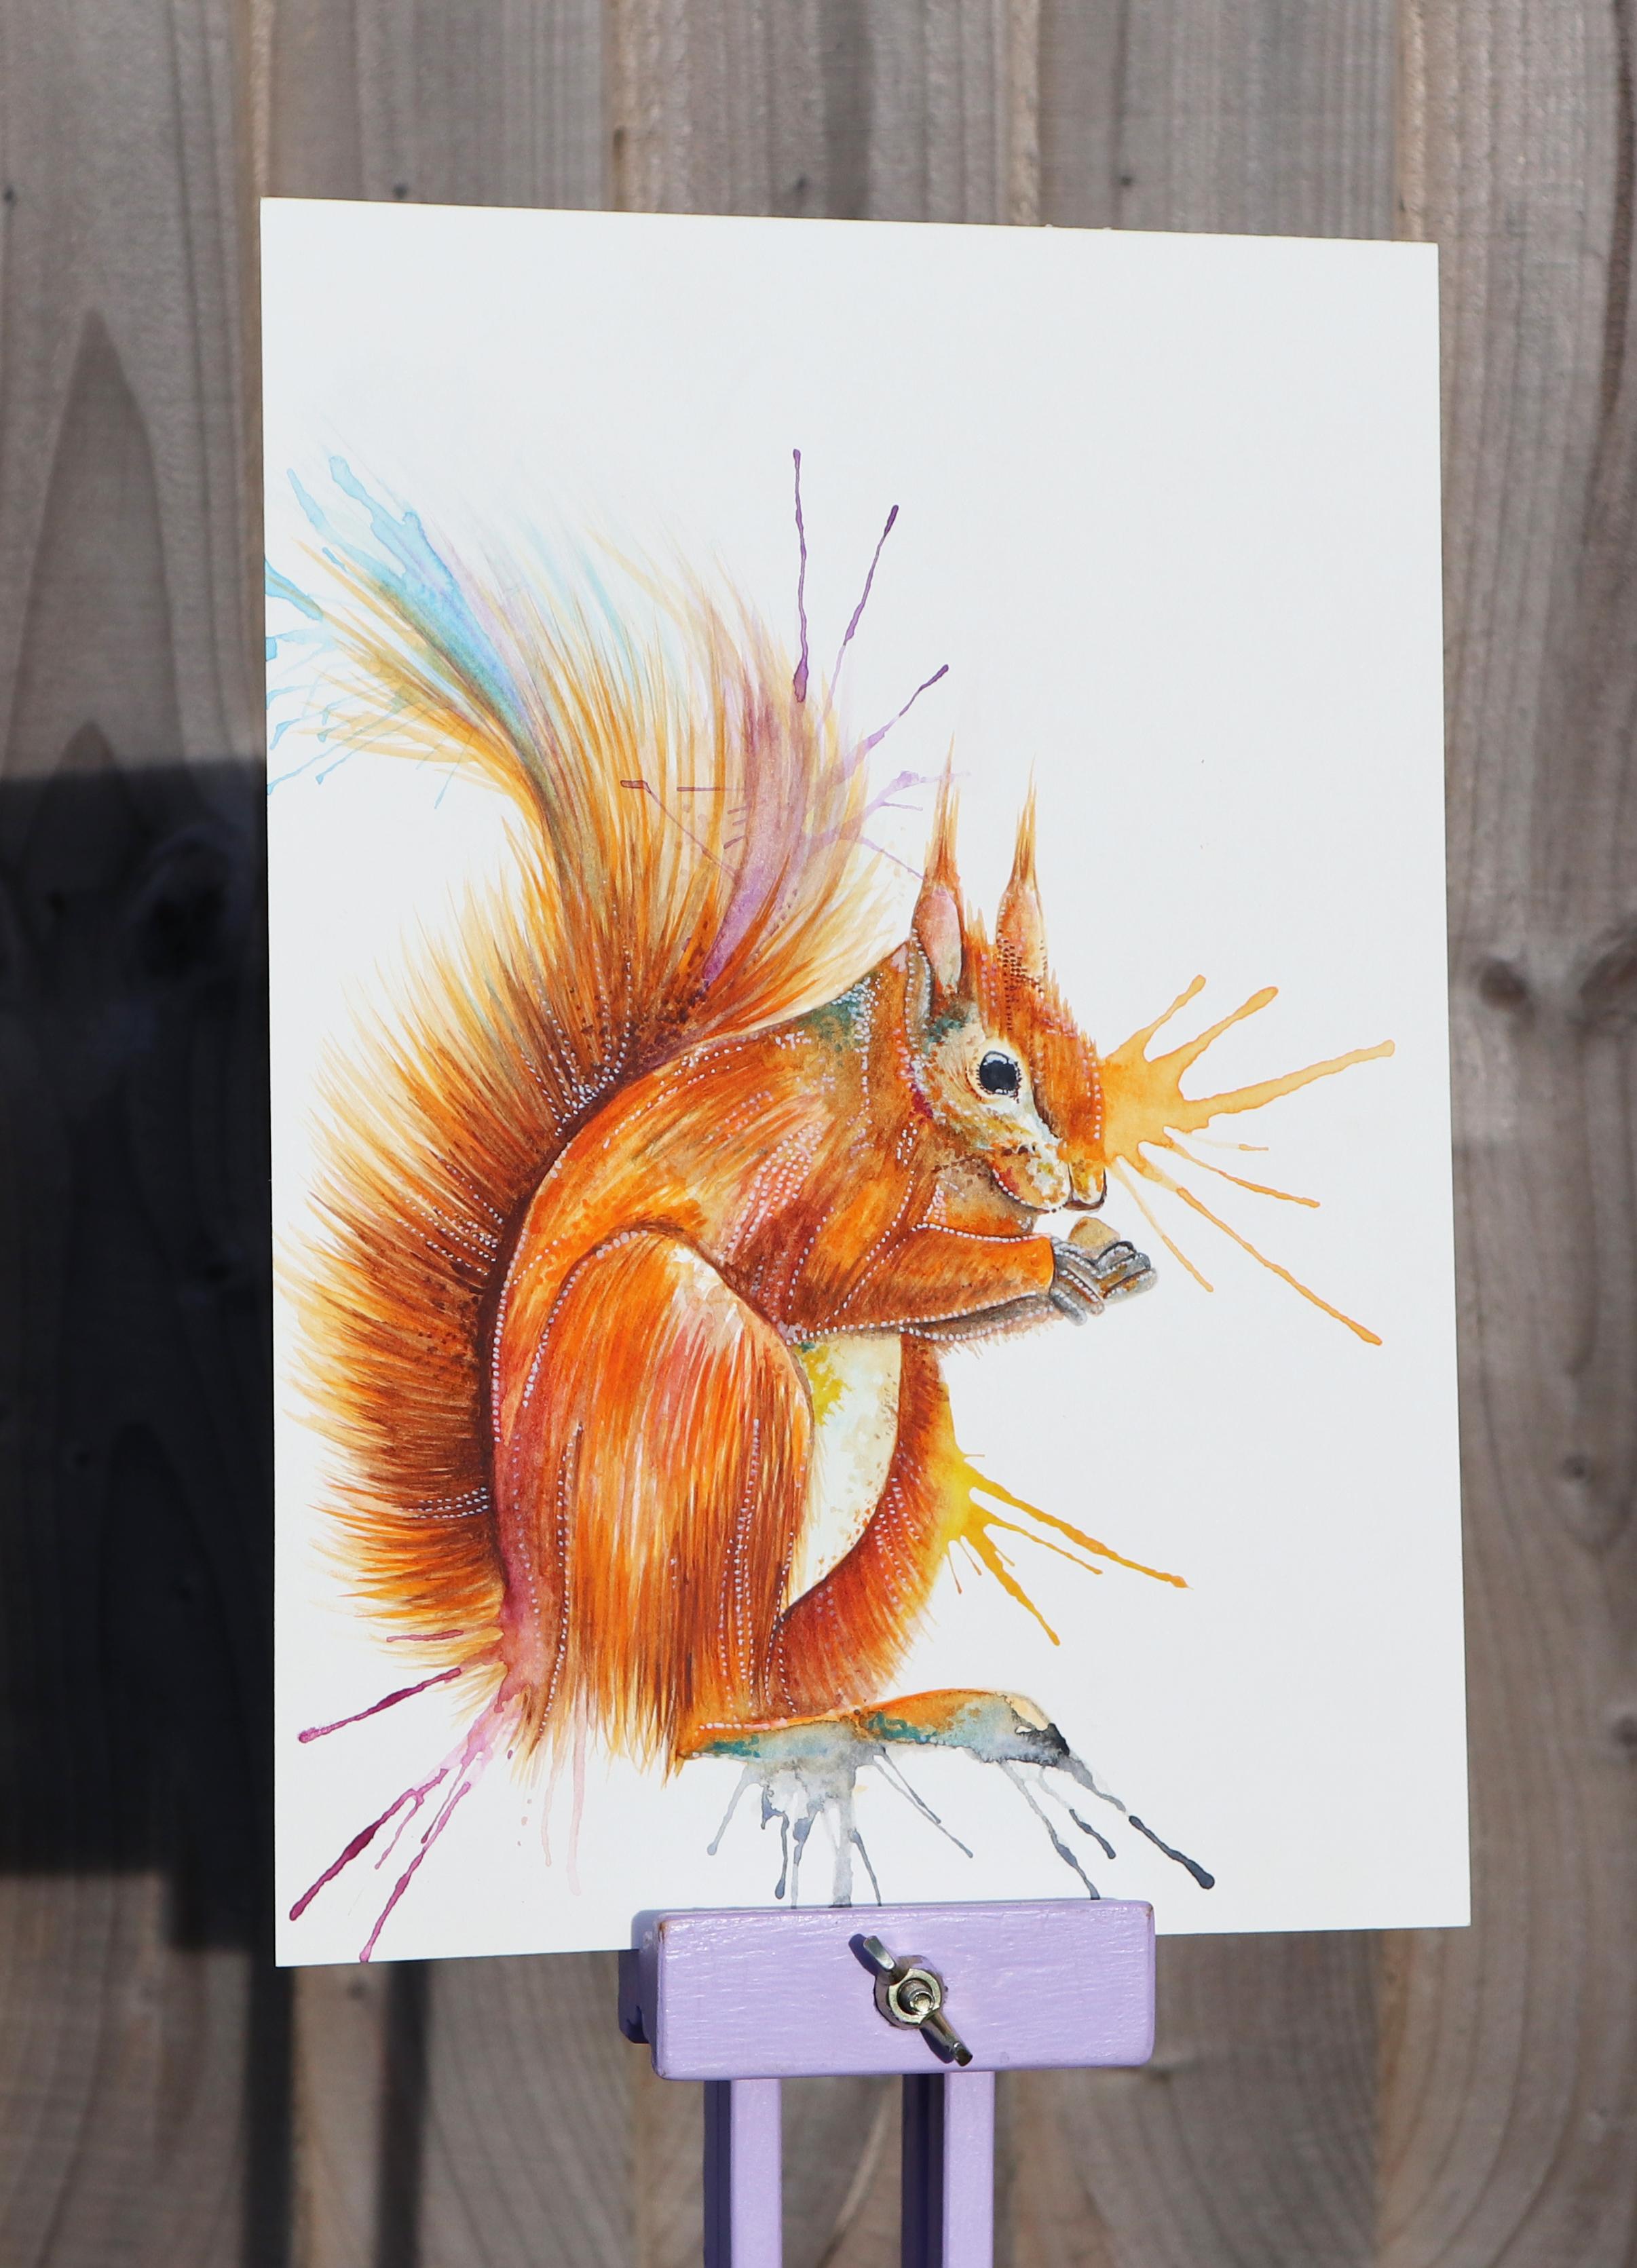 OriginalRedSquirrel